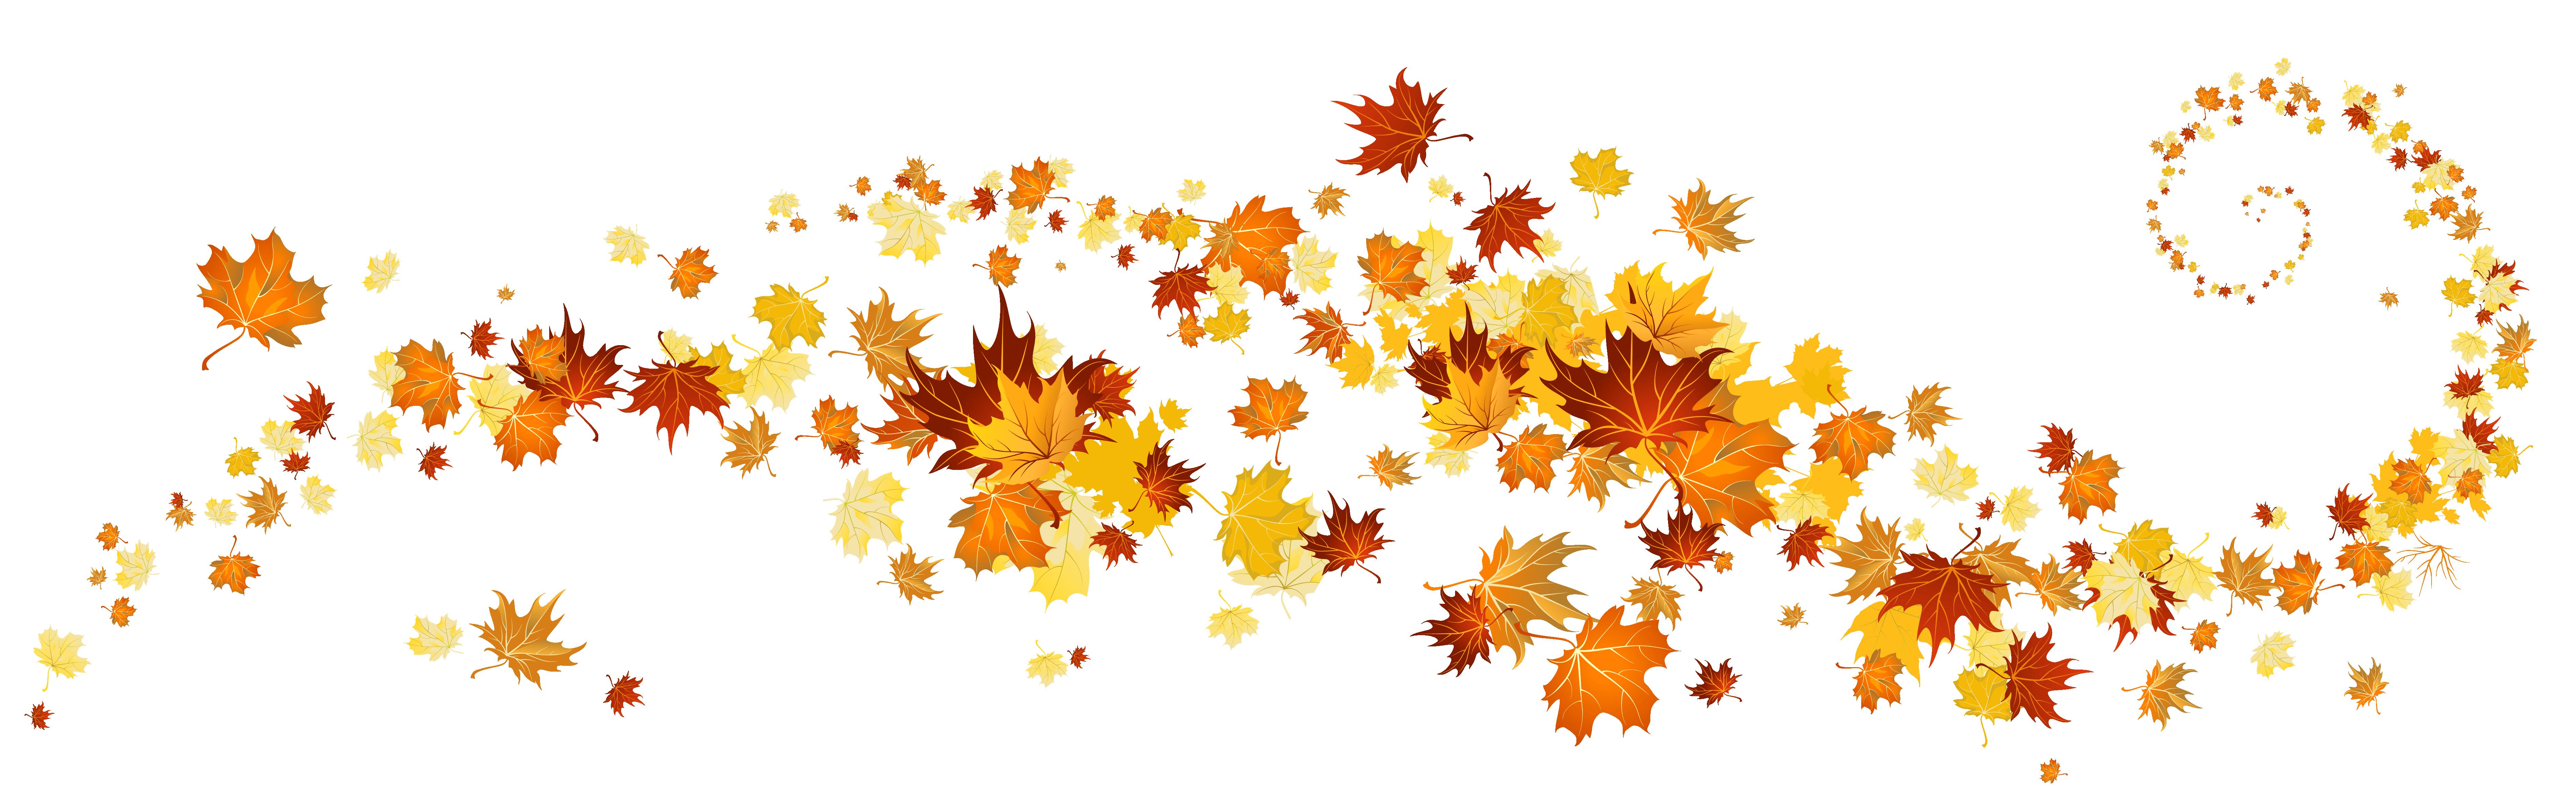 Autumn Fall Leaves Fall Leaf Clip Art Ou-Autumn fall leaves fall leaf clip art outline free clipart images-3